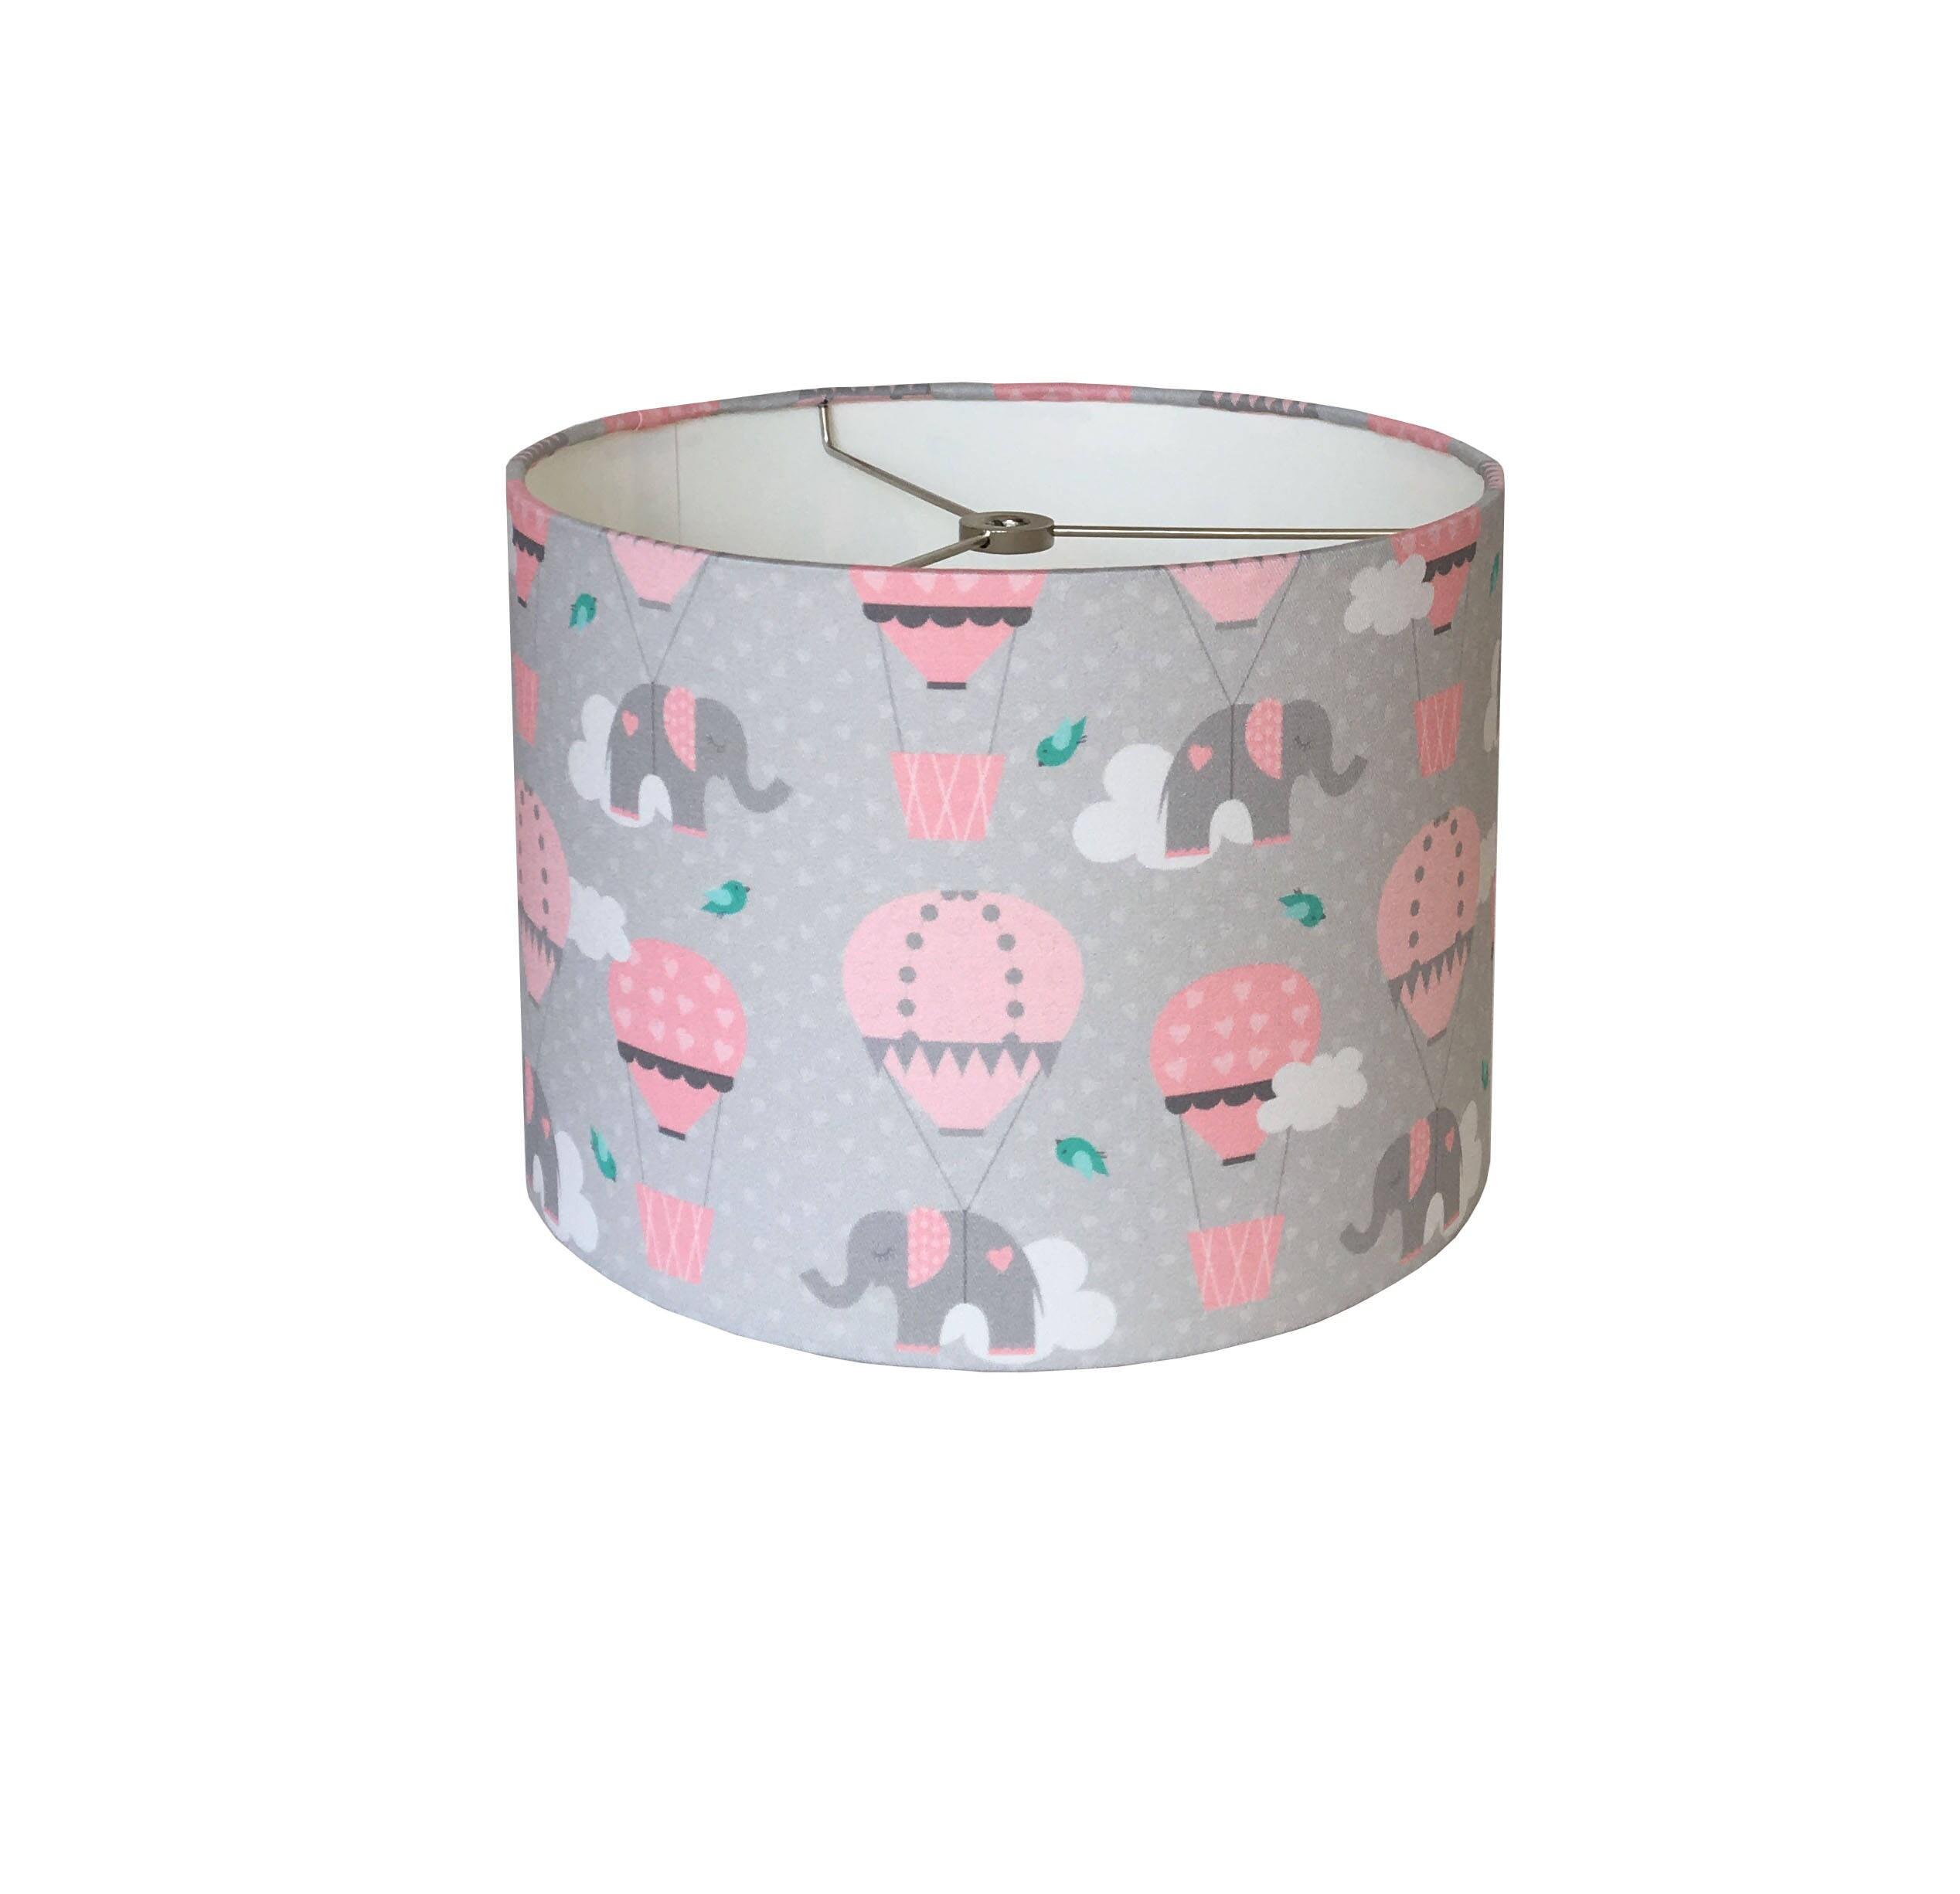 Pink grey drum lamp shade nursery lampshade baby girl room wall pink grey drum lamp shade nursery lampshade baby girl room wall decor lampshade hot air ballon elephant polka dot lampshade aloadofball Image collections